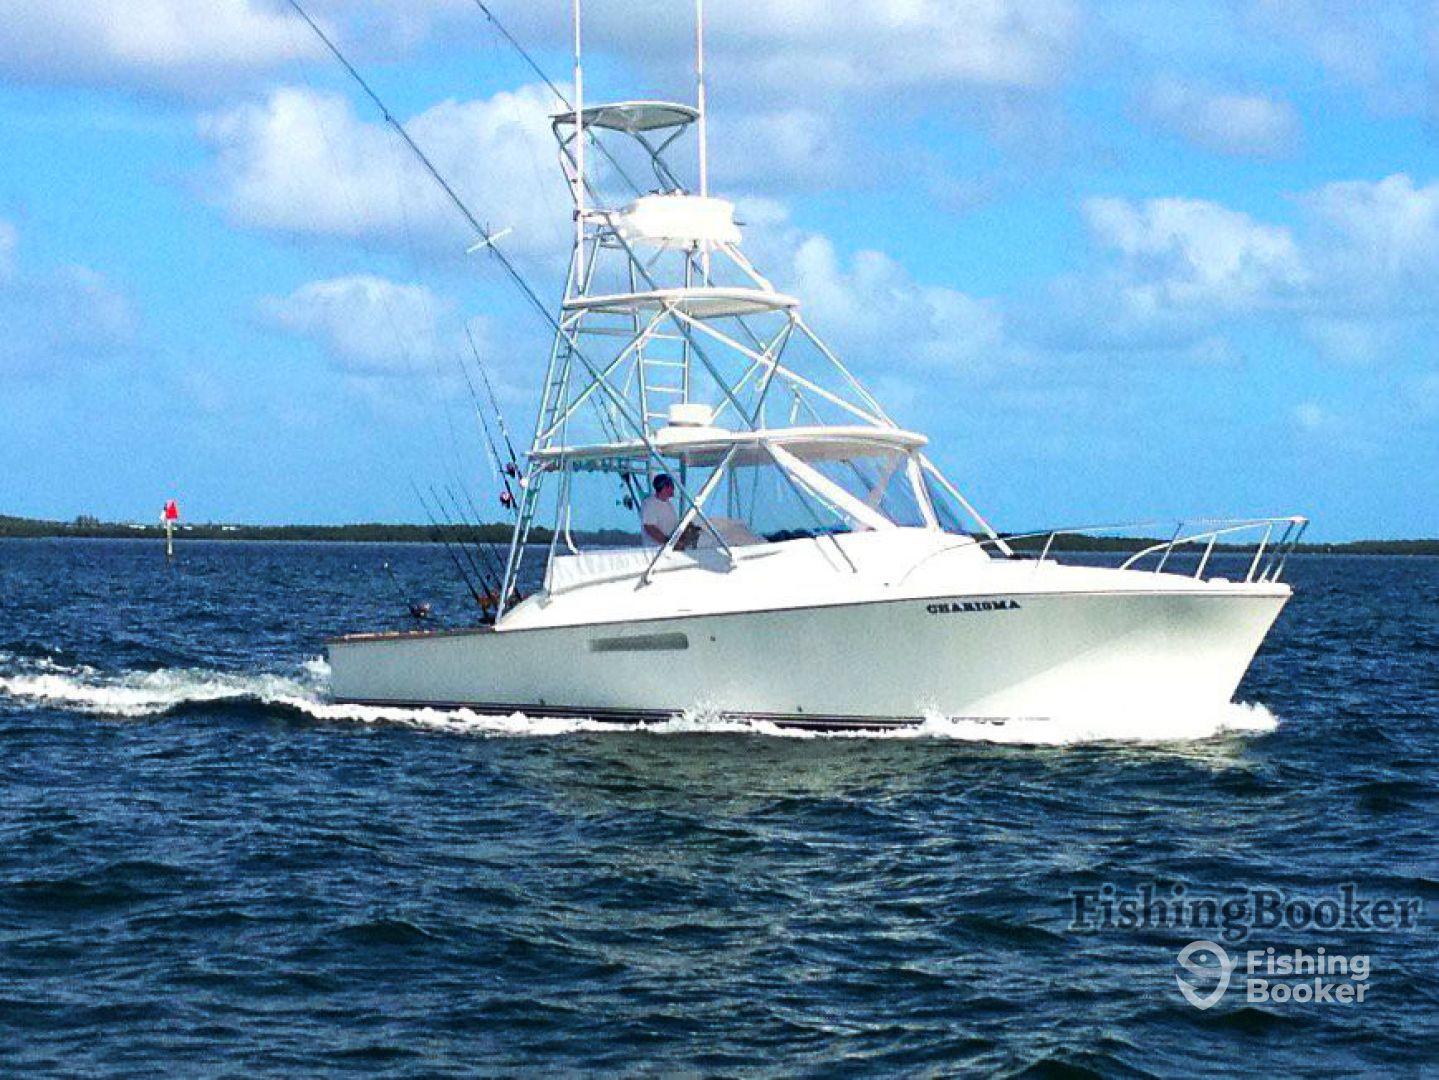 Charisma sportfishing key largo fl fishingbooker for Key largo fishing charters